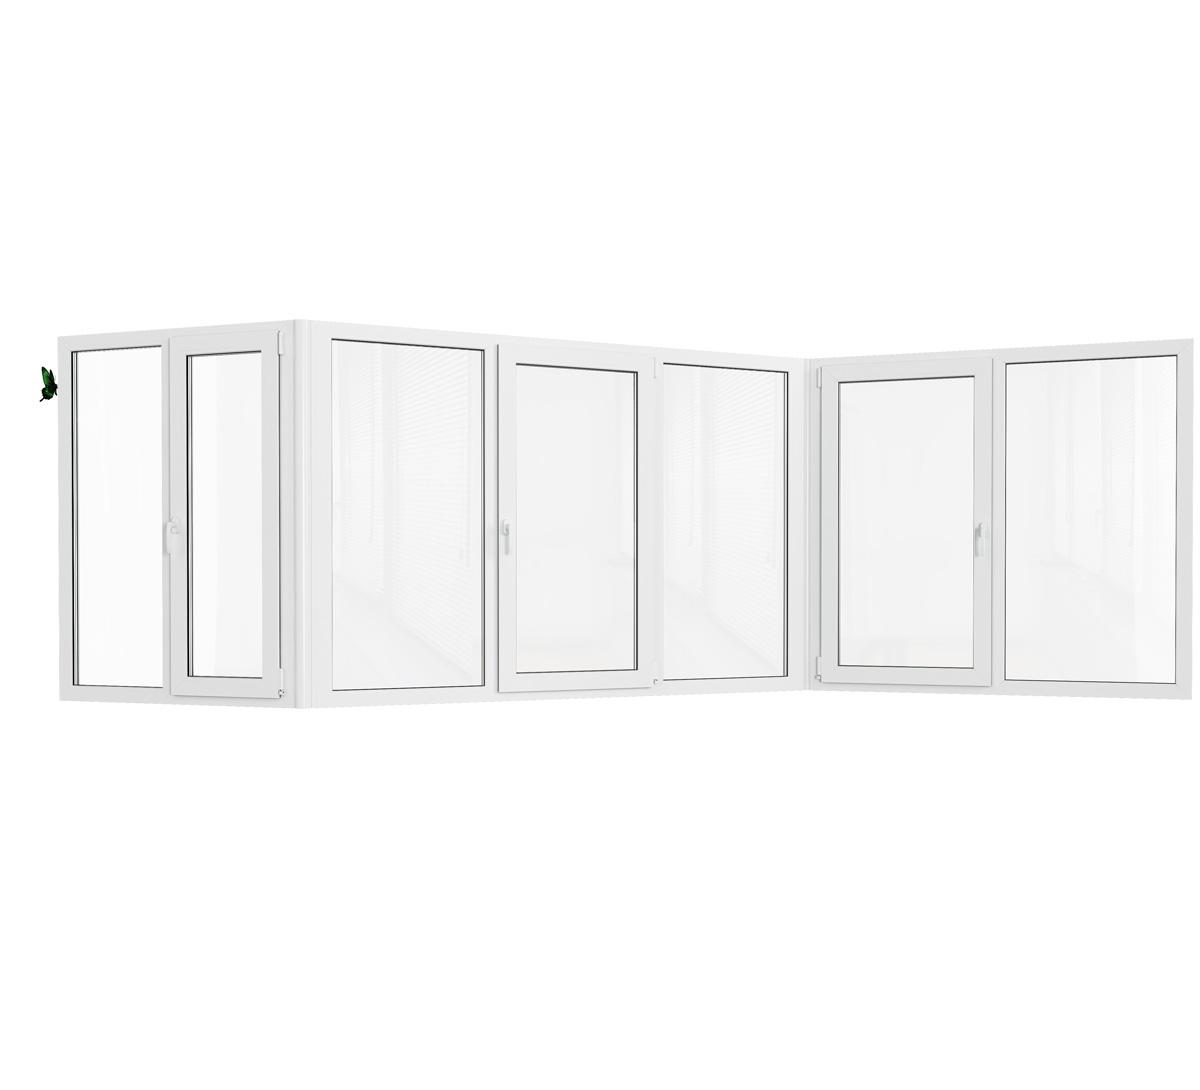 Остекление балкона пластиковыми окнами в доме серии п-3. цен.